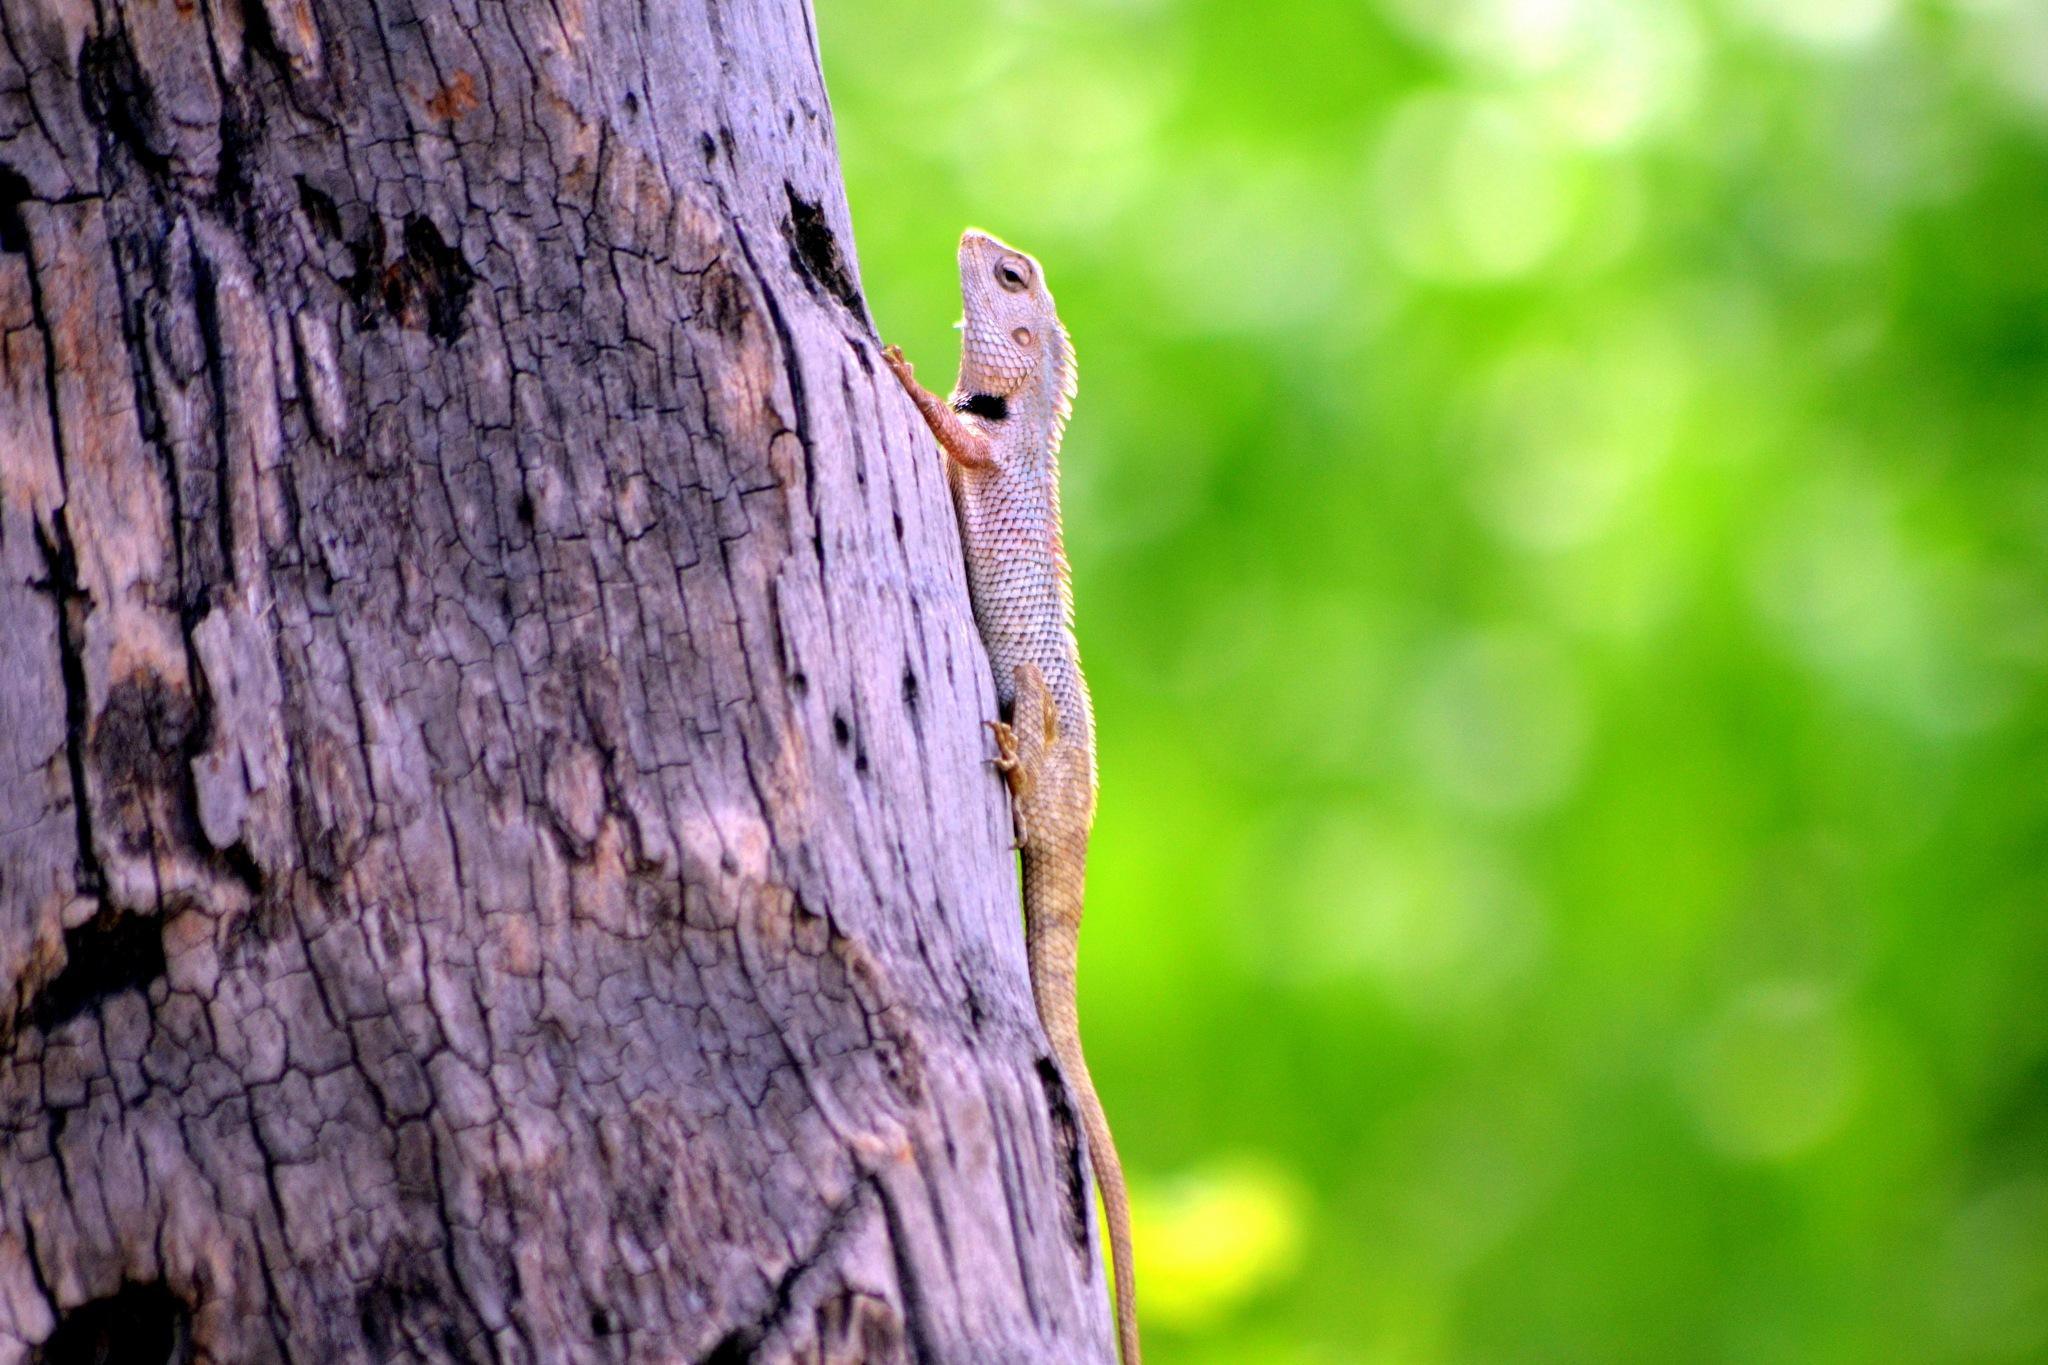 Chameleon Lizard  by PRasad Ahirrao